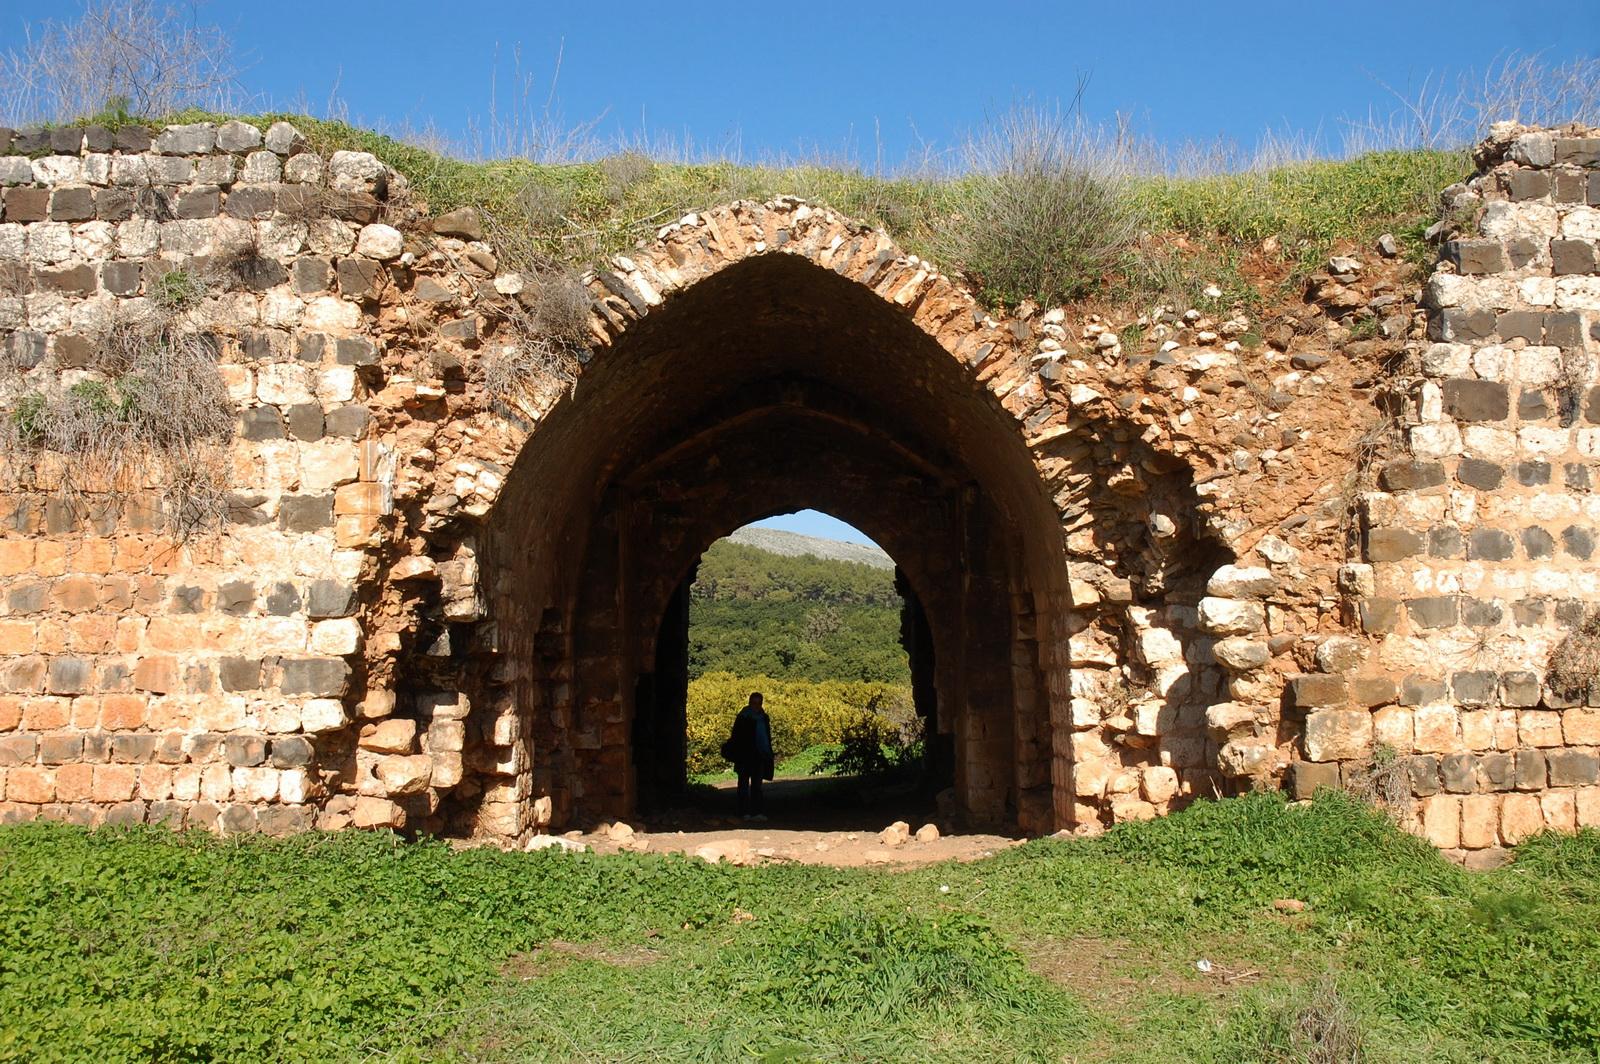 החאן - שער הכניסה במבט מבפנים החוצה